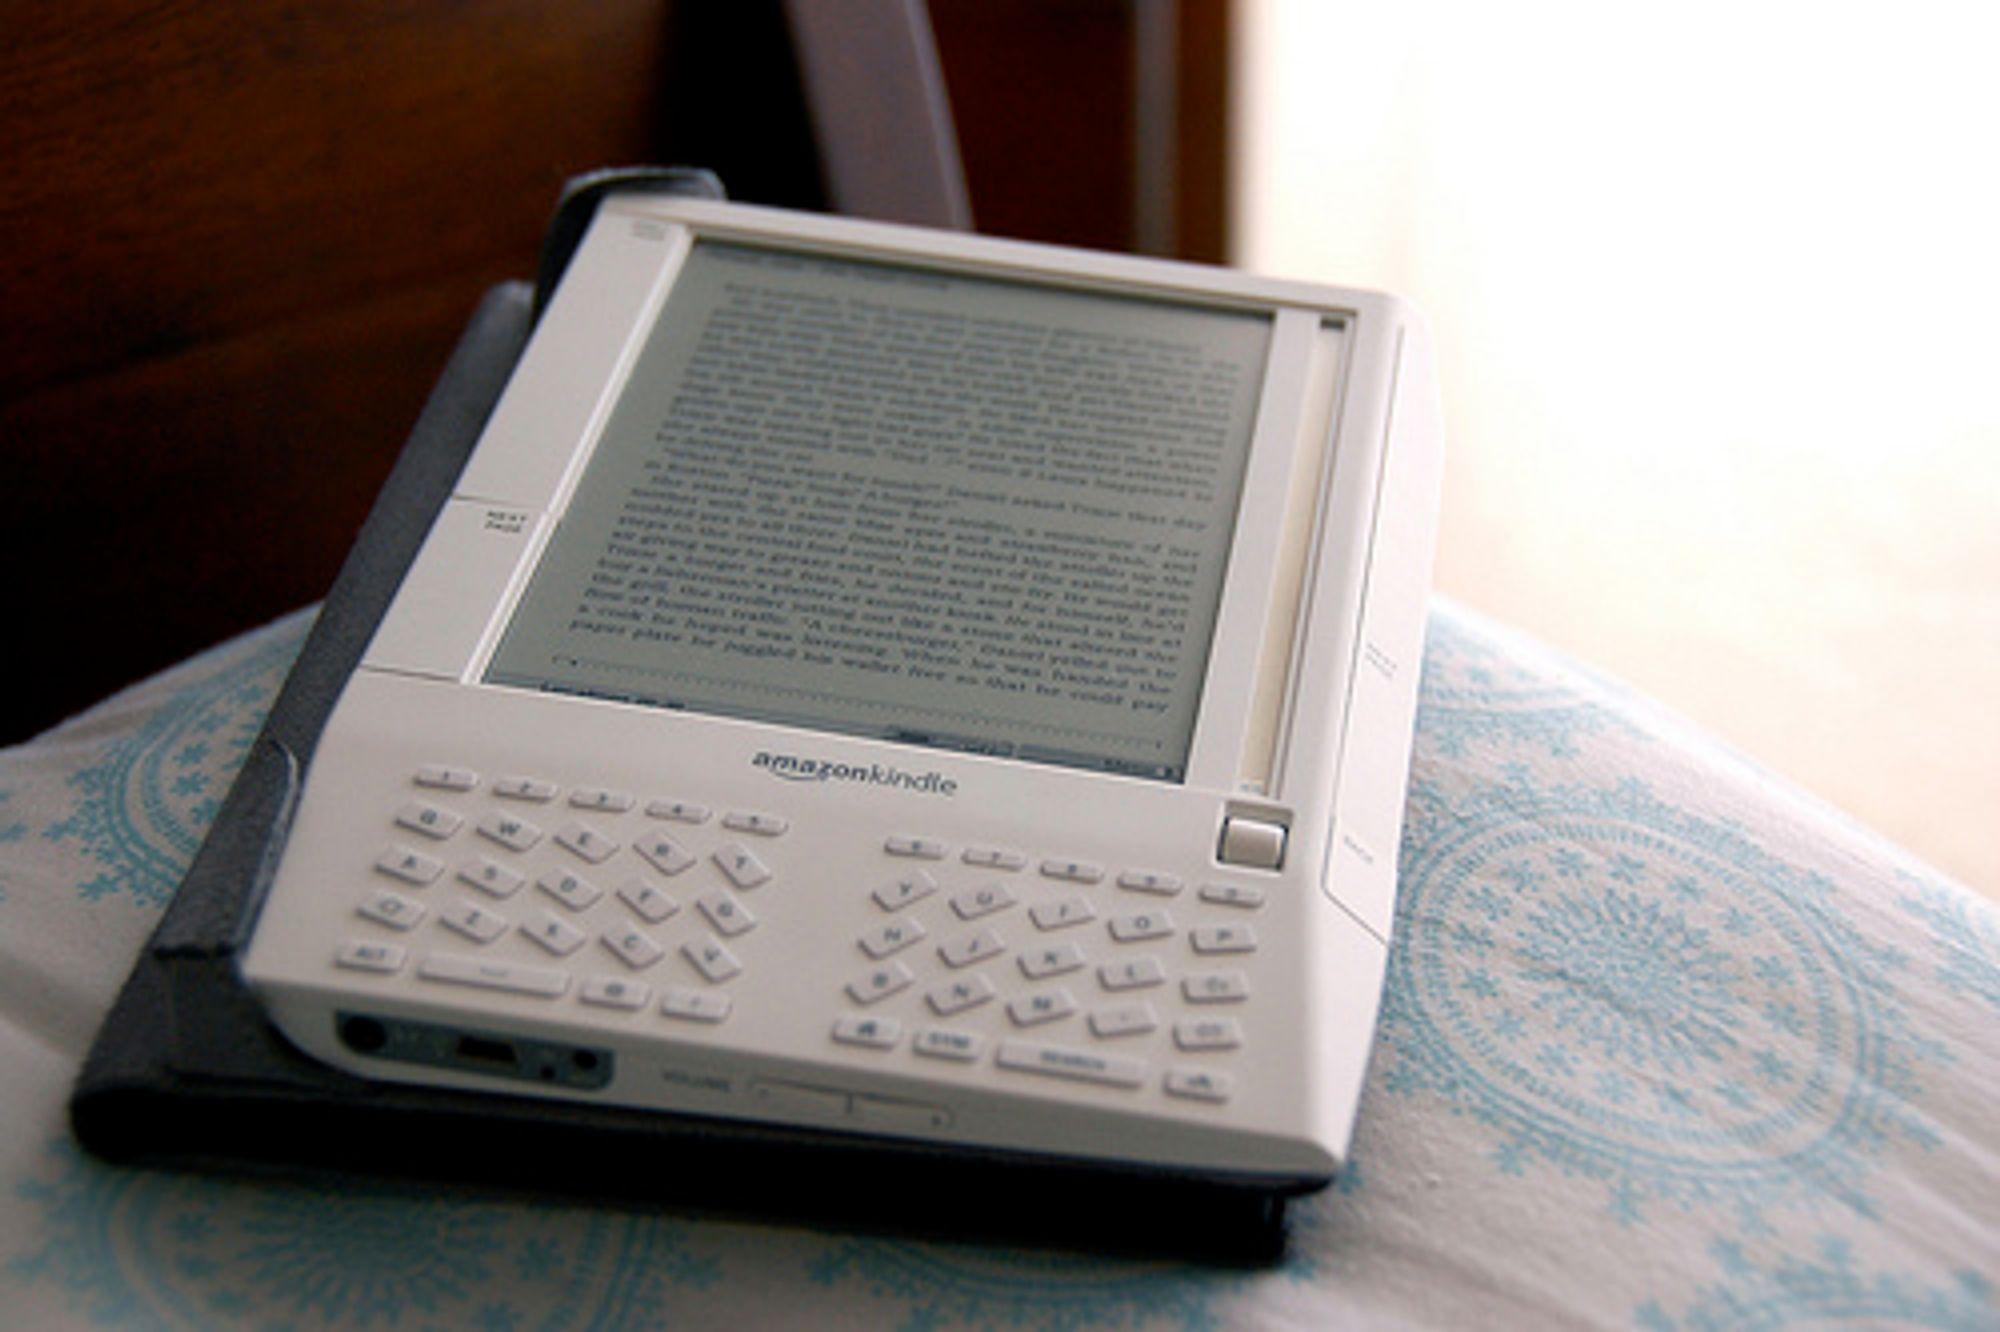 Dagens Amazon Kindle - nå er en ny versjon lansert